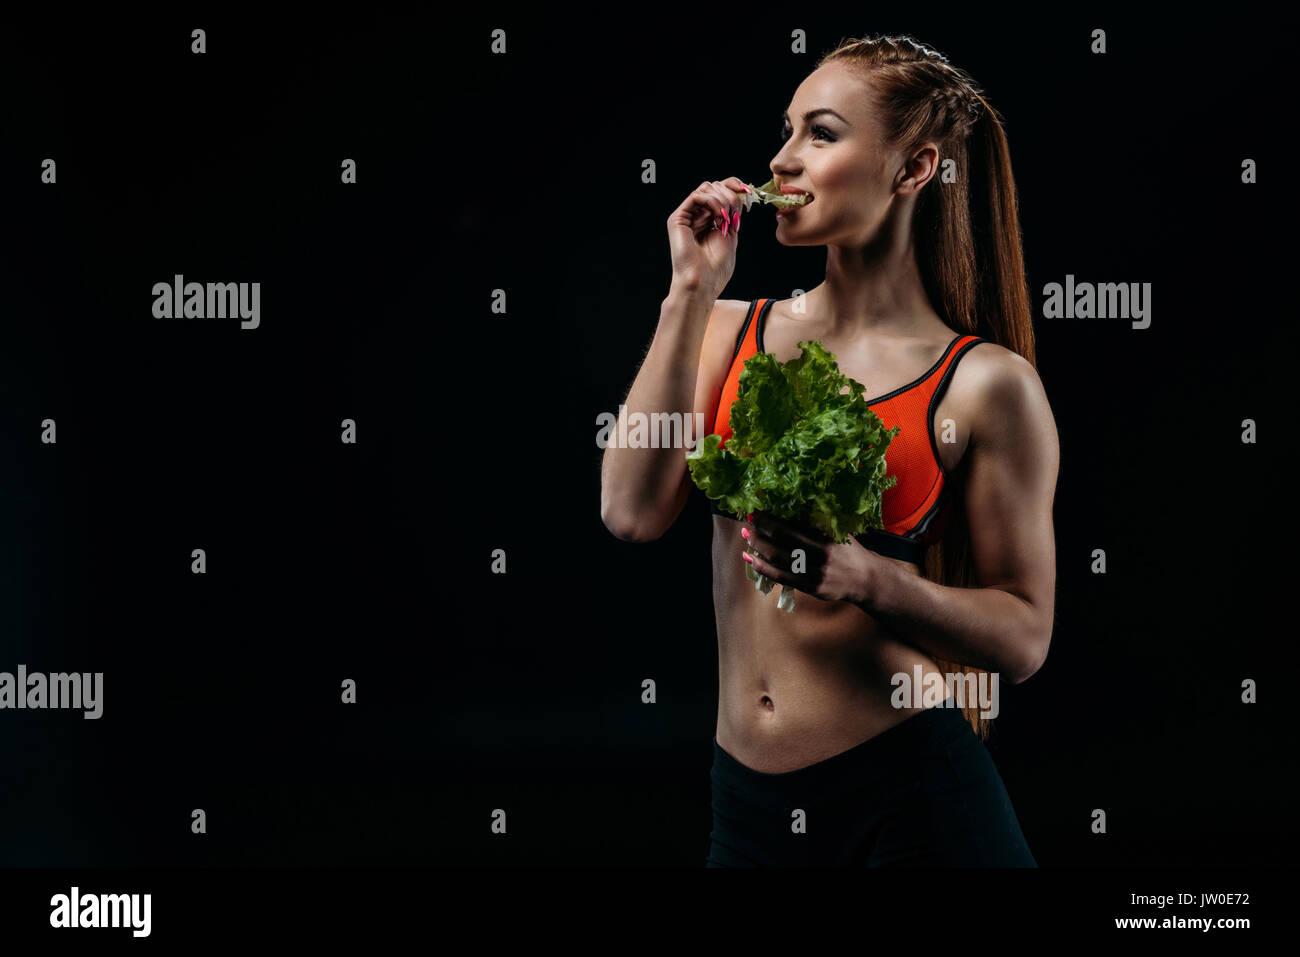 Happy woman eating salad sportive de feuilles isolées sur noir, la saine alimentation concept Photo Stock